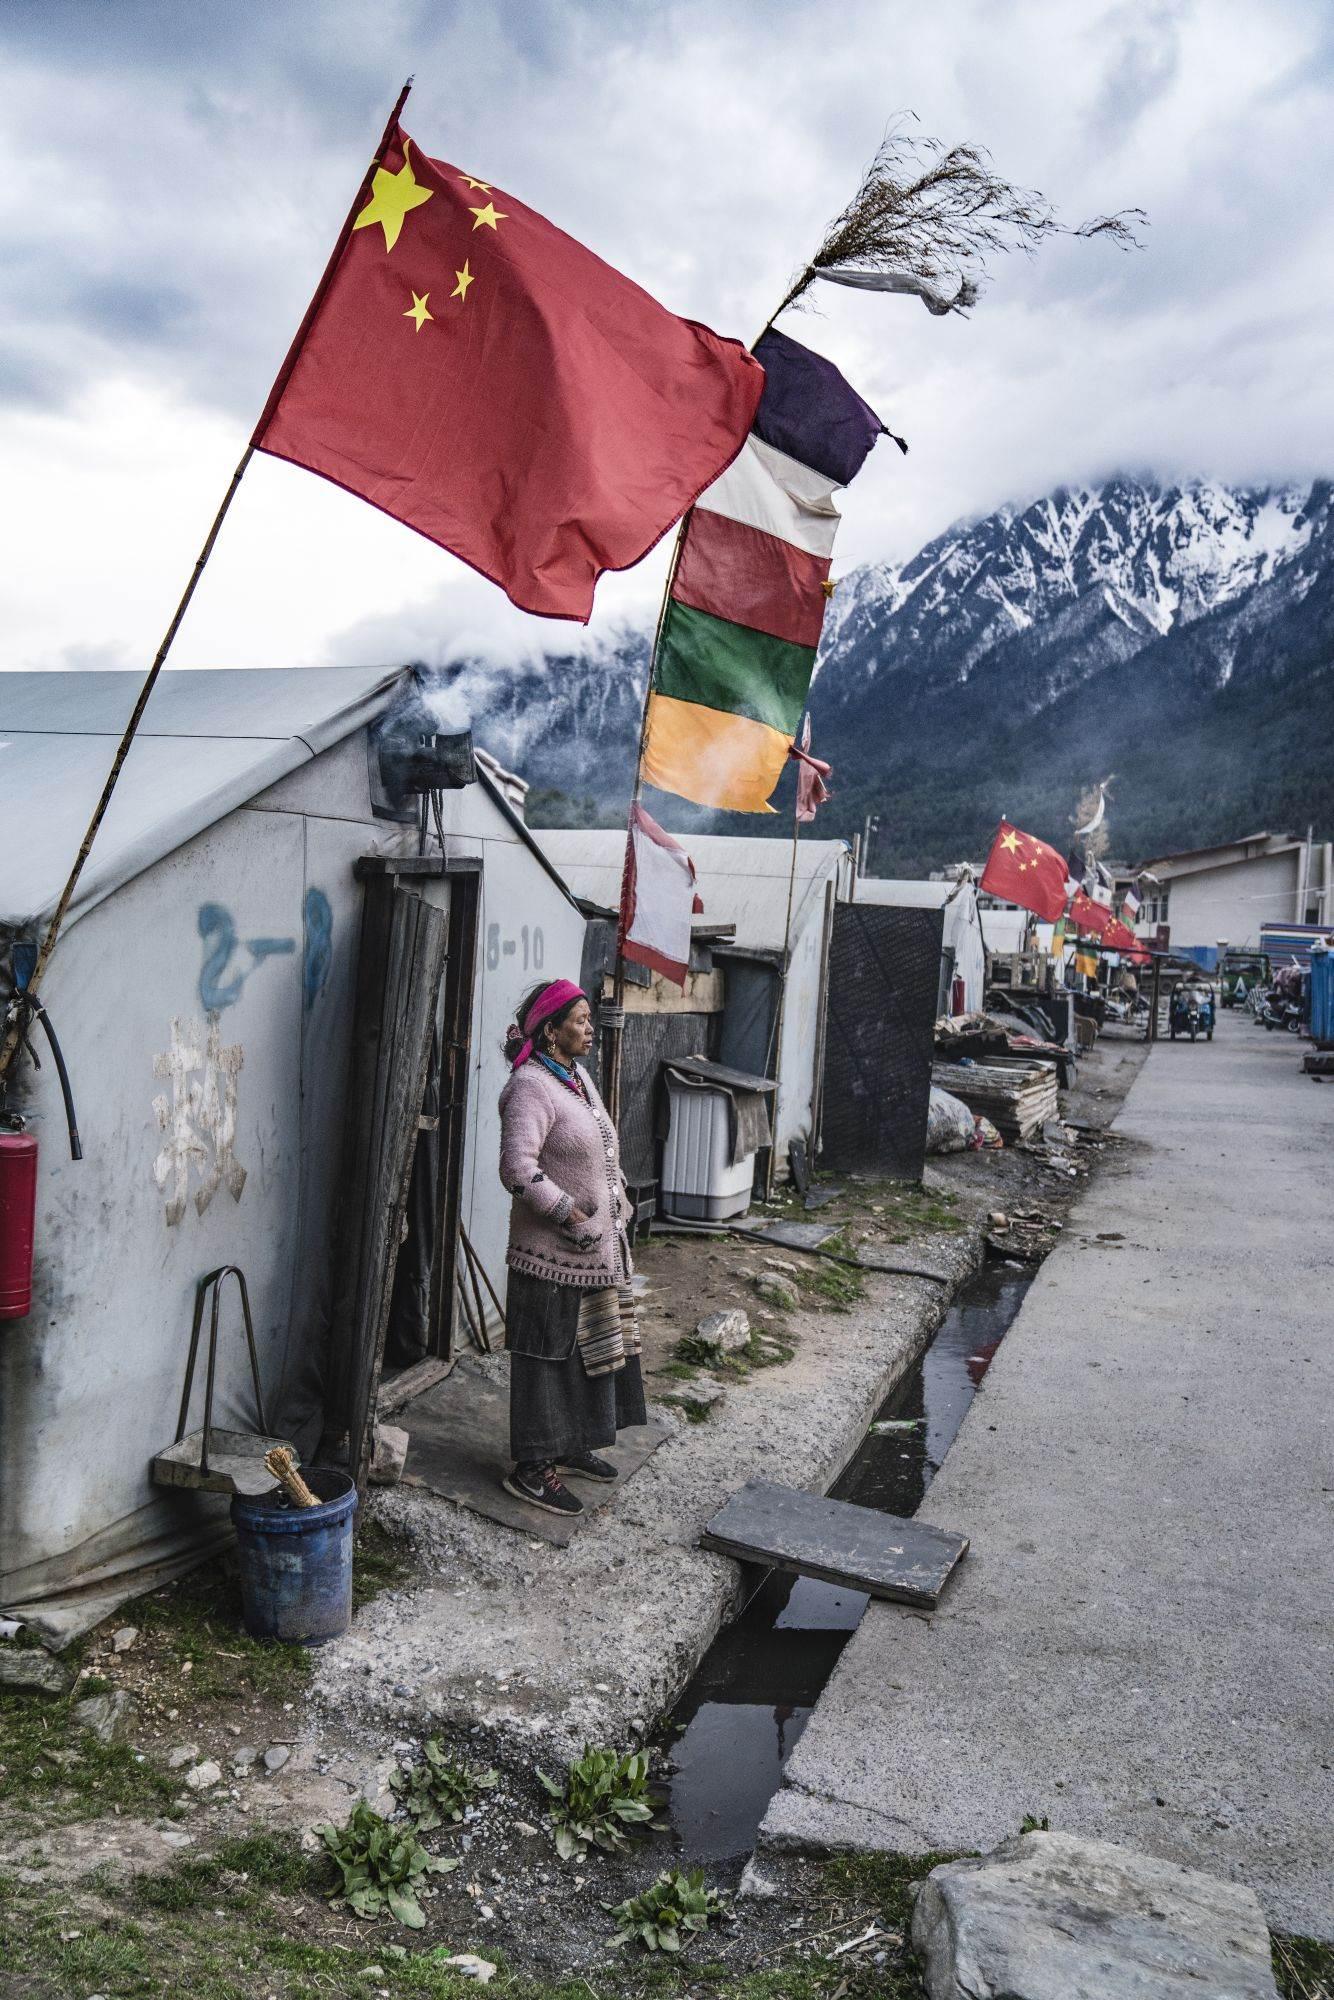 Kineska zastava vijori se rame uz rame sa tibetanskim bojama u planinskom selu Đirong, prvom kineskom gradu u koji je tim ušao nakon napuštanja Nepala. Kineska vlada je decenijama podsticala tibetanske nomade da se naseljavaju u gradovima poput Đironga. Šatorski grad u gradu prihvata ljude raseljene snažnim zemljotresom 2015. godine.